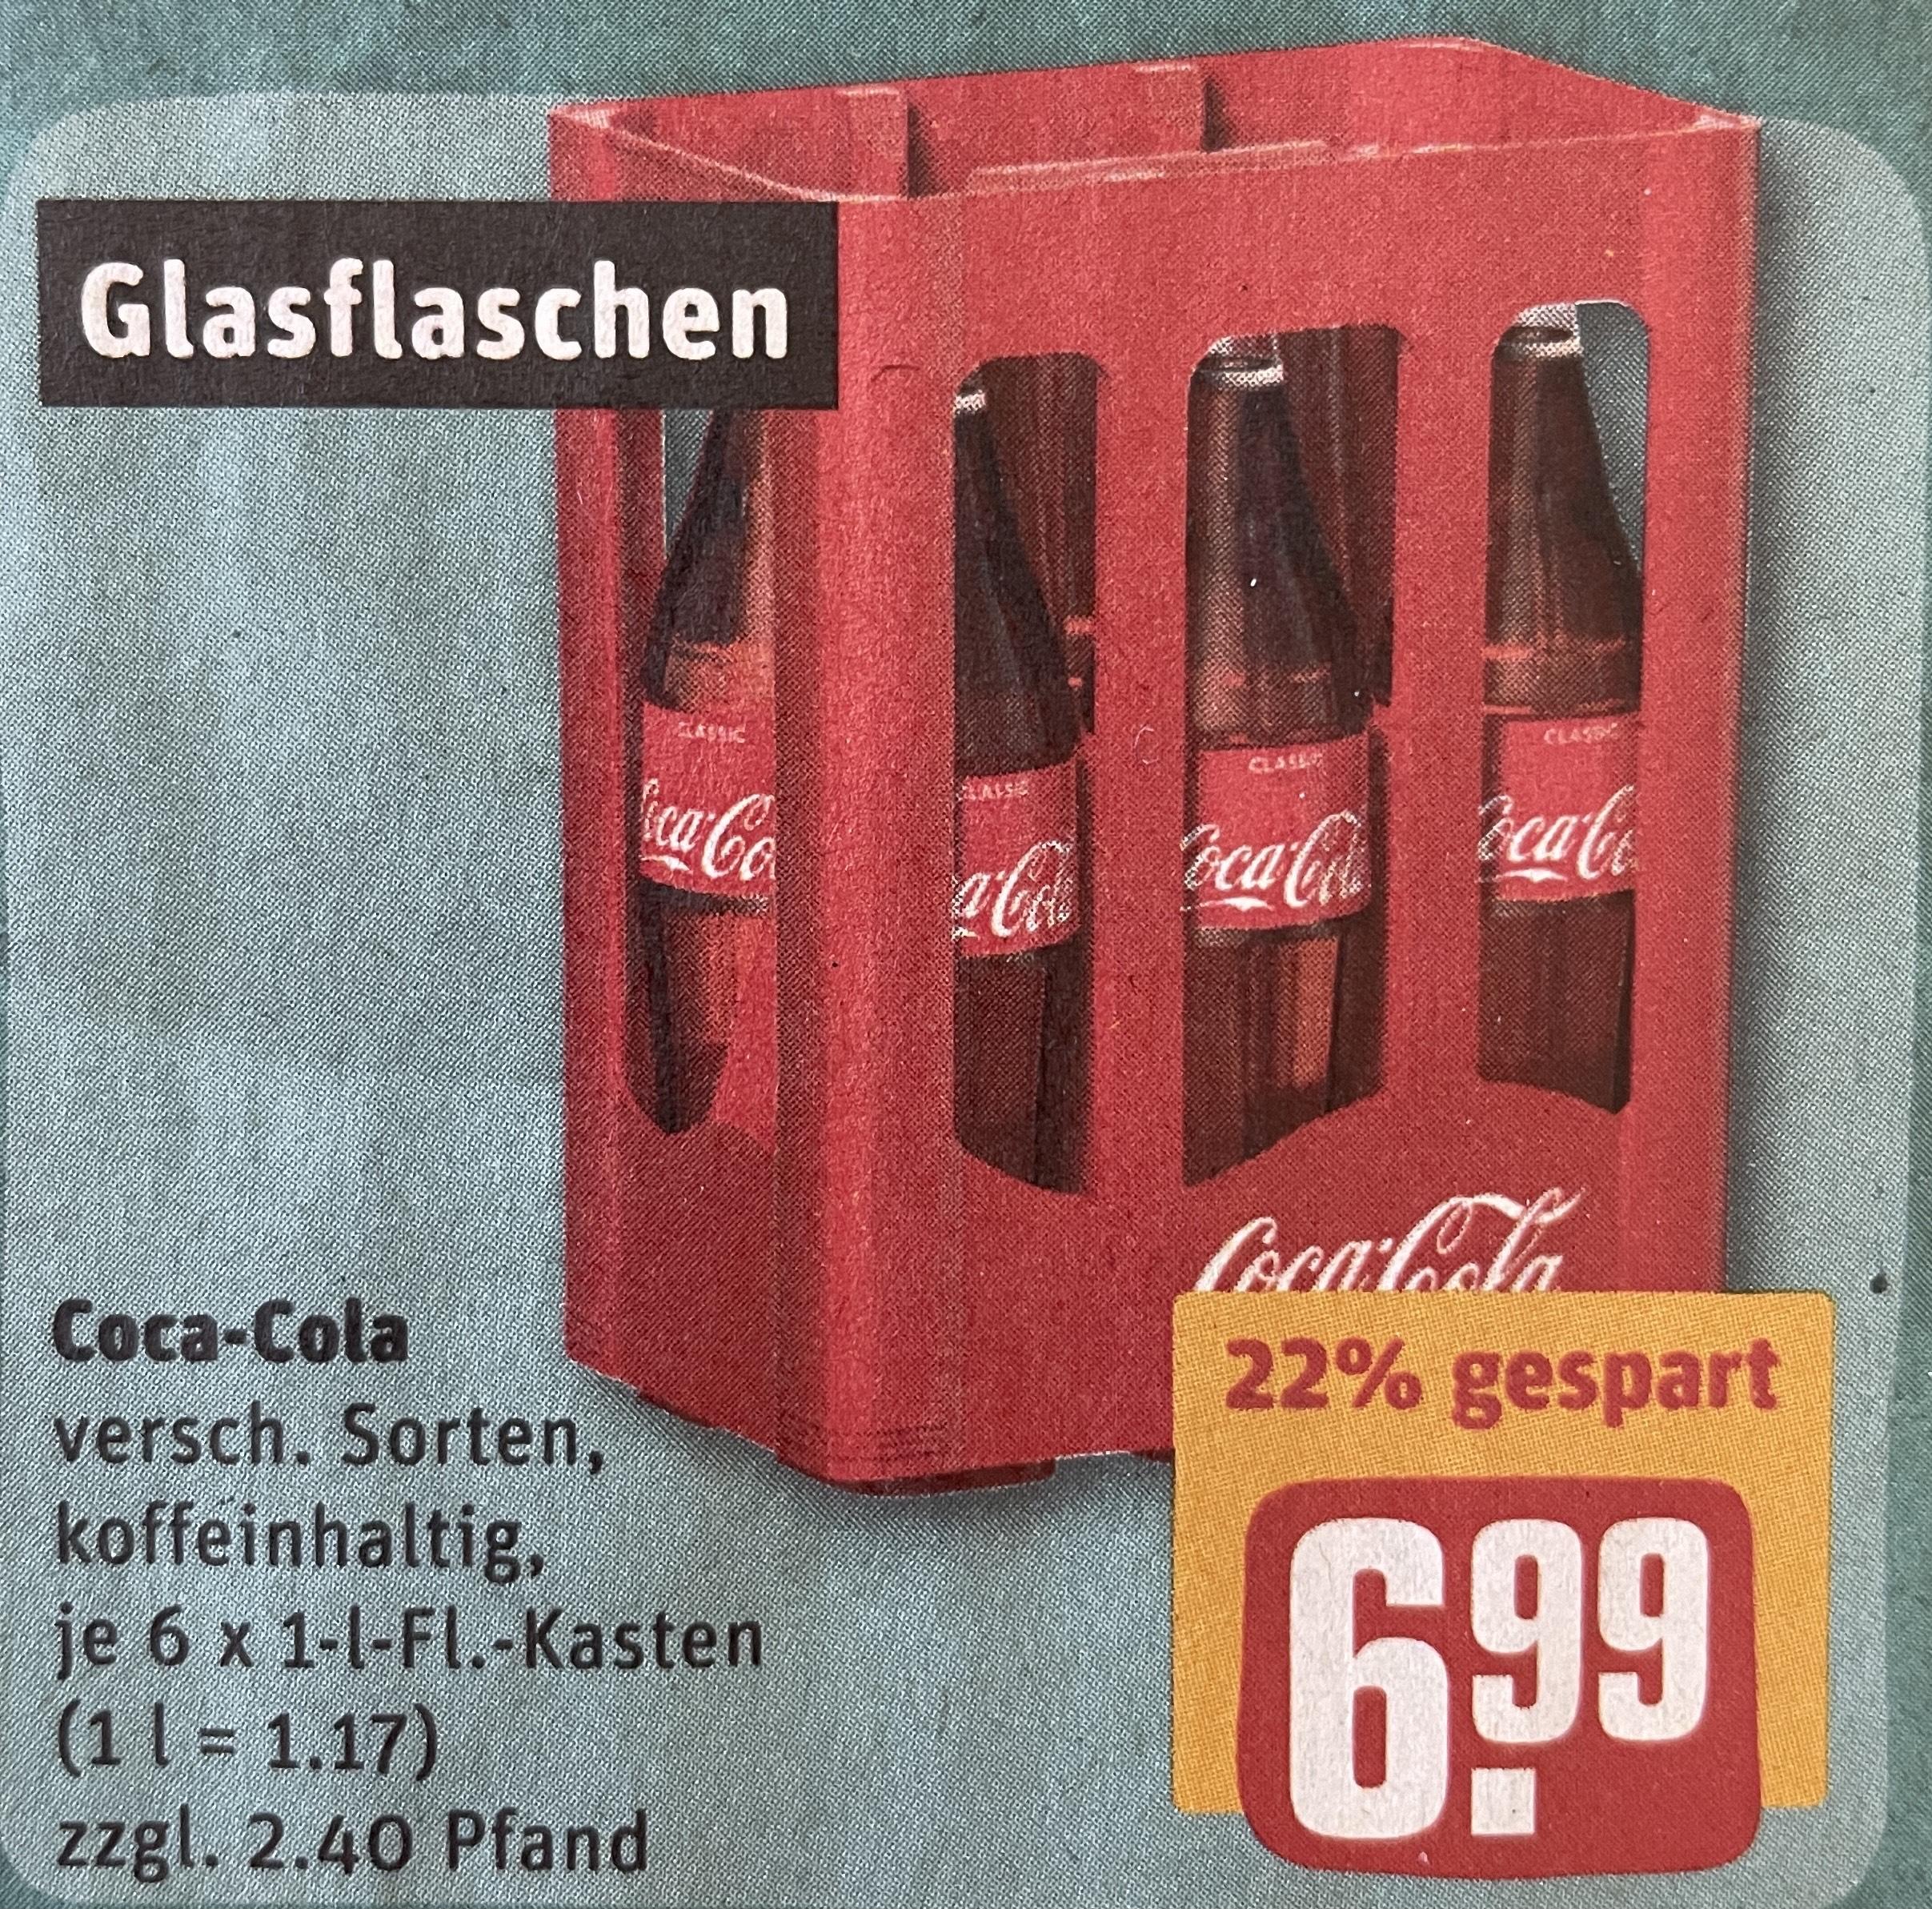 [ab 07.06. lokal REWE - evtl. bundesweit] 6x 1 l Glasflaschen Coca-Cola Kasten